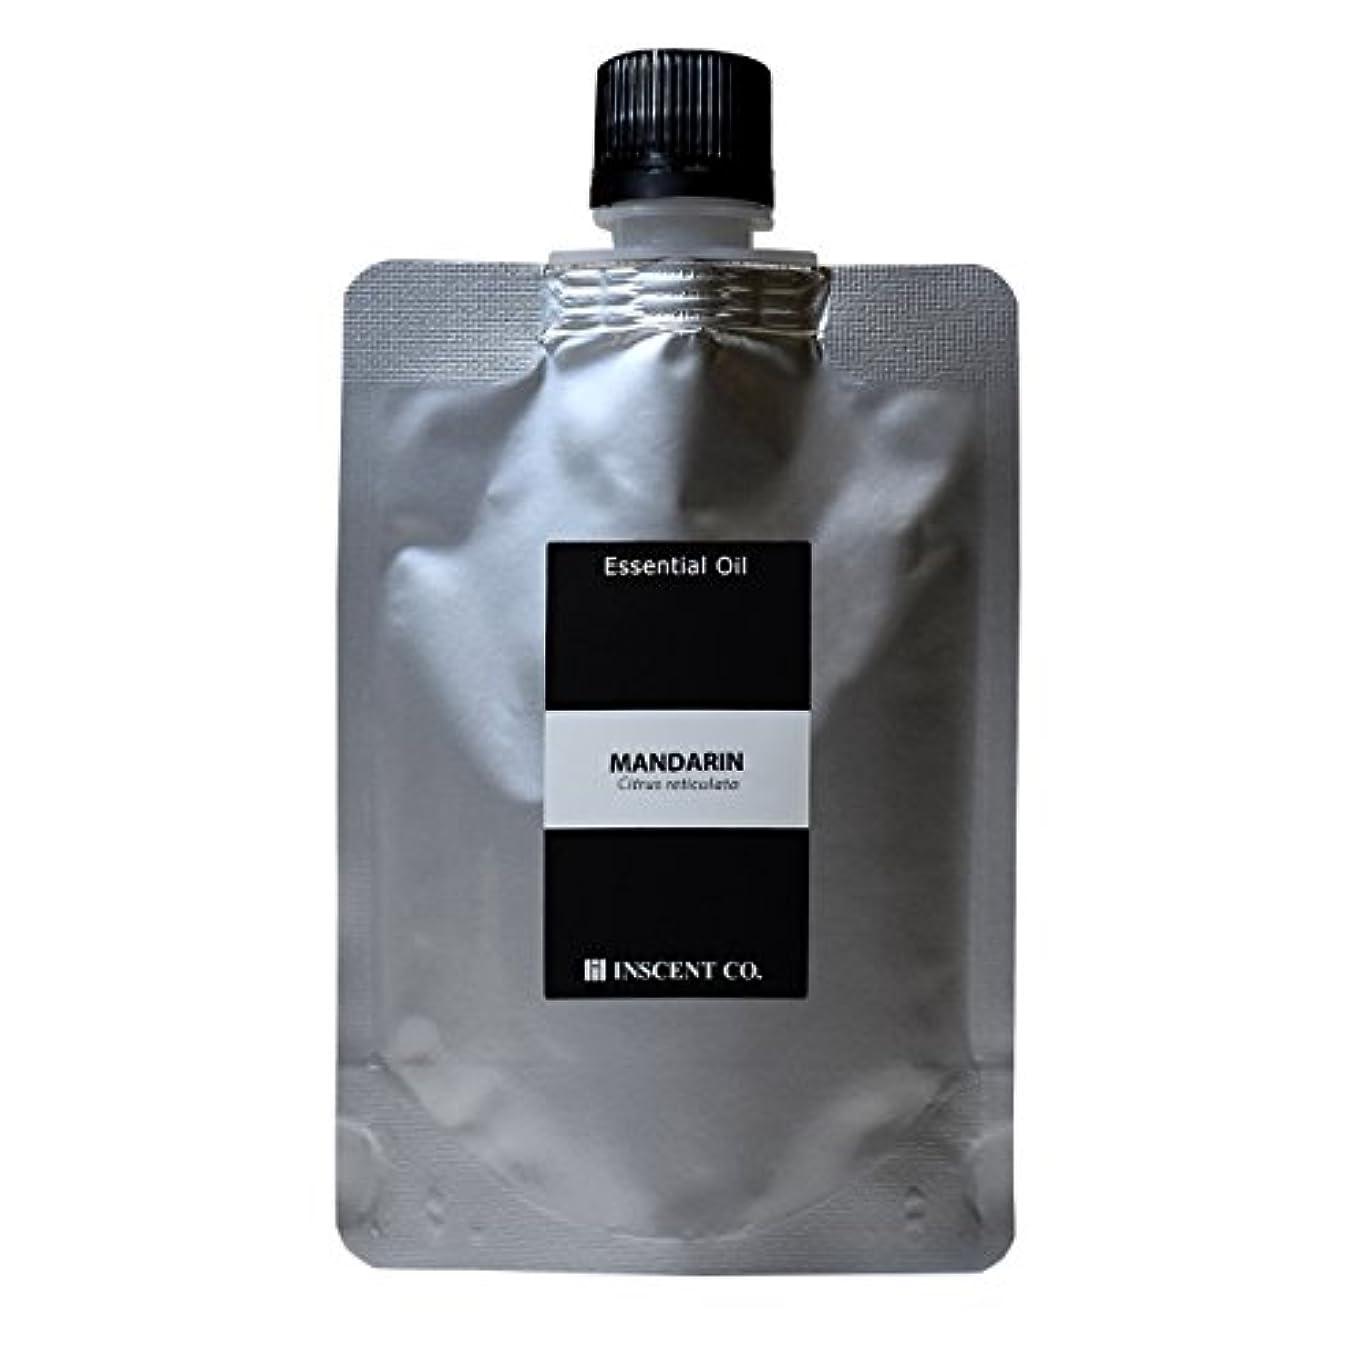 混合した荒廃するチューリップ(詰替用 アルミパック) マンダリン 50ml インセント アロマオイル AEAJ 表示基準適合認定精油